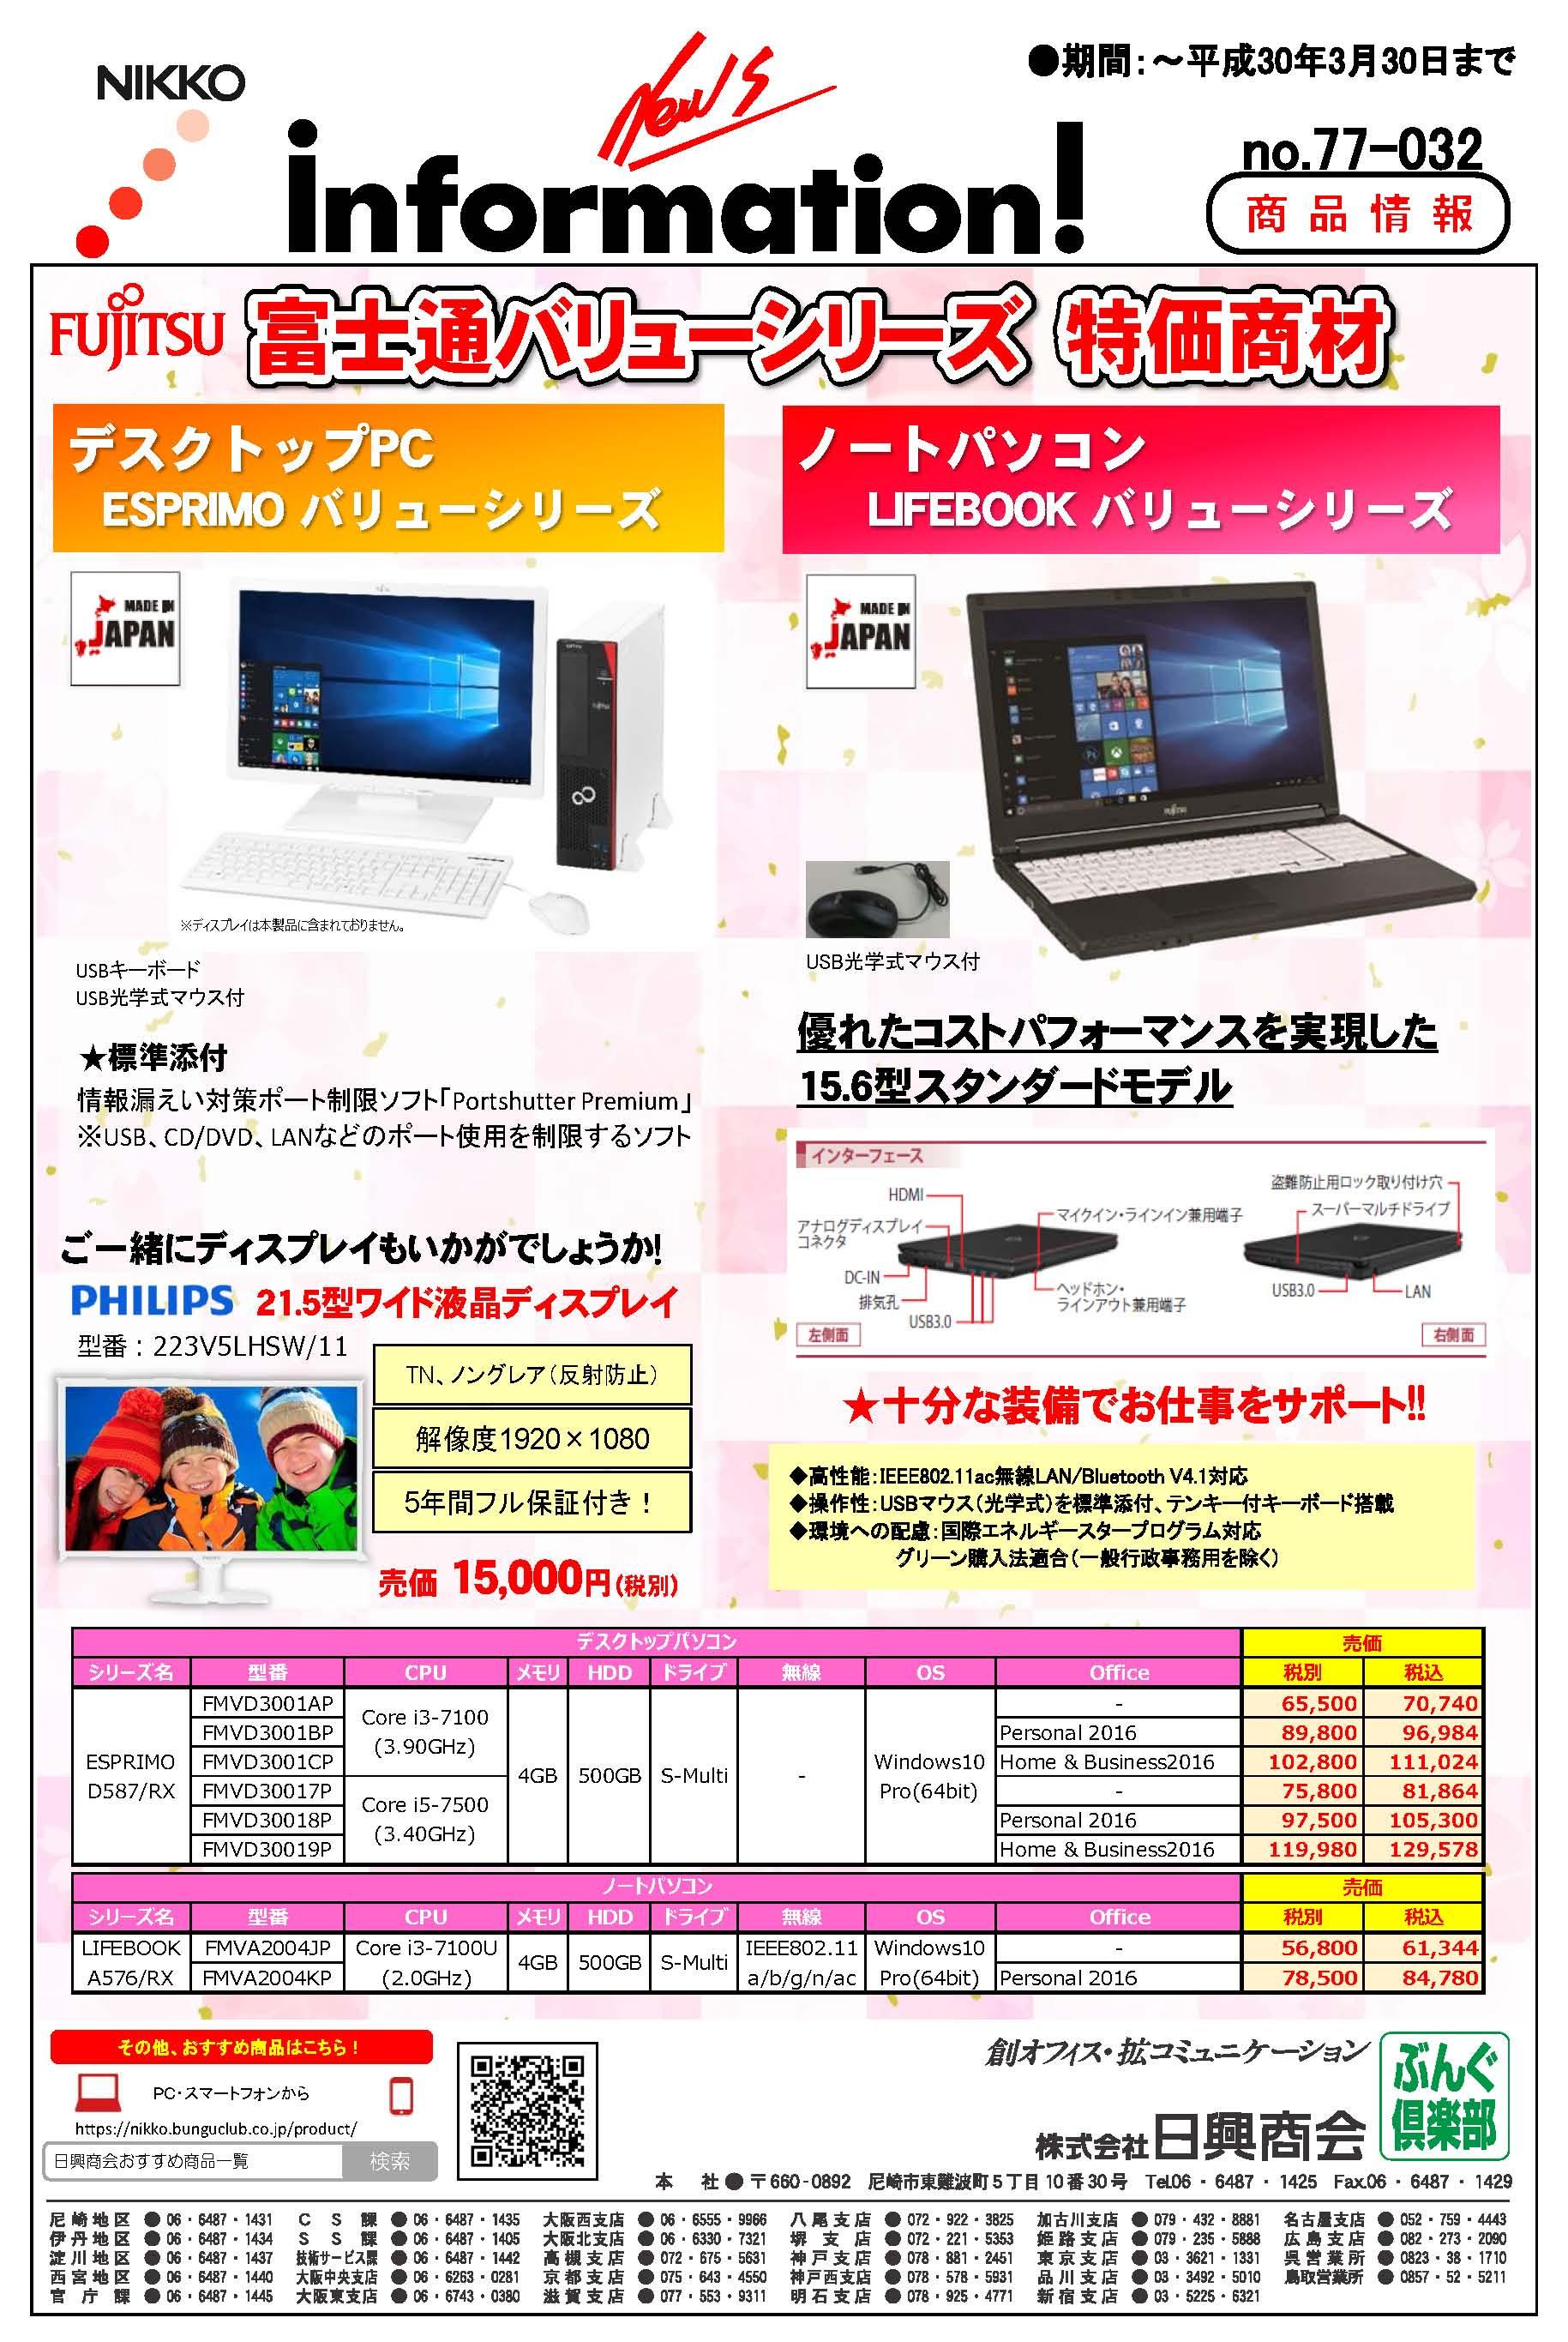 77-032DIS富士通パソコンチラシ